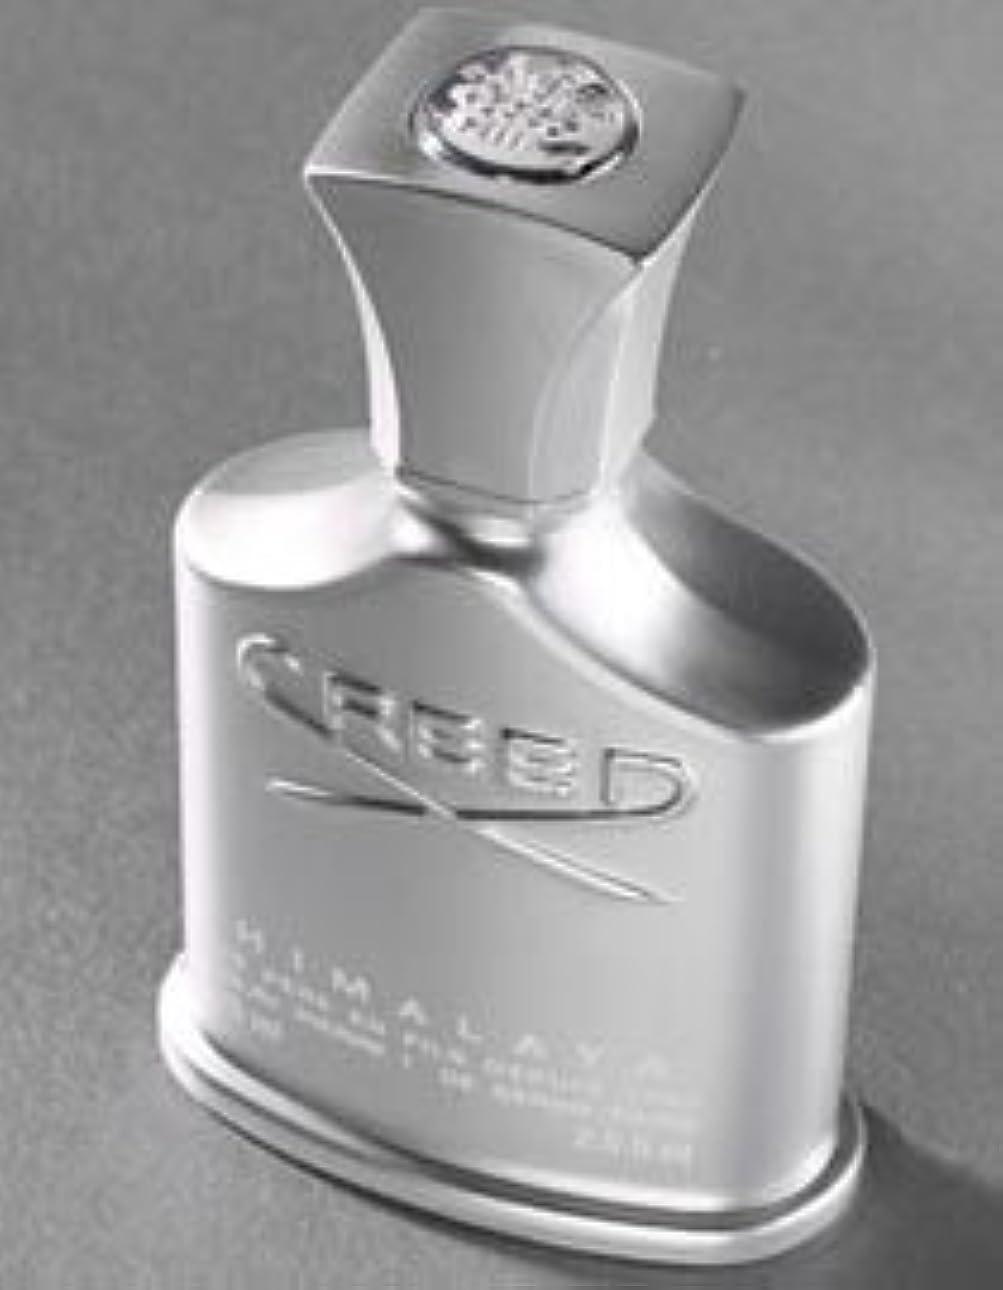 円形活性化する通信網Creed Himalaya (ヒマラヤ) 4.0 oz (120ml) EDT Spray (テスター/箱なし?キャップなし)for Men